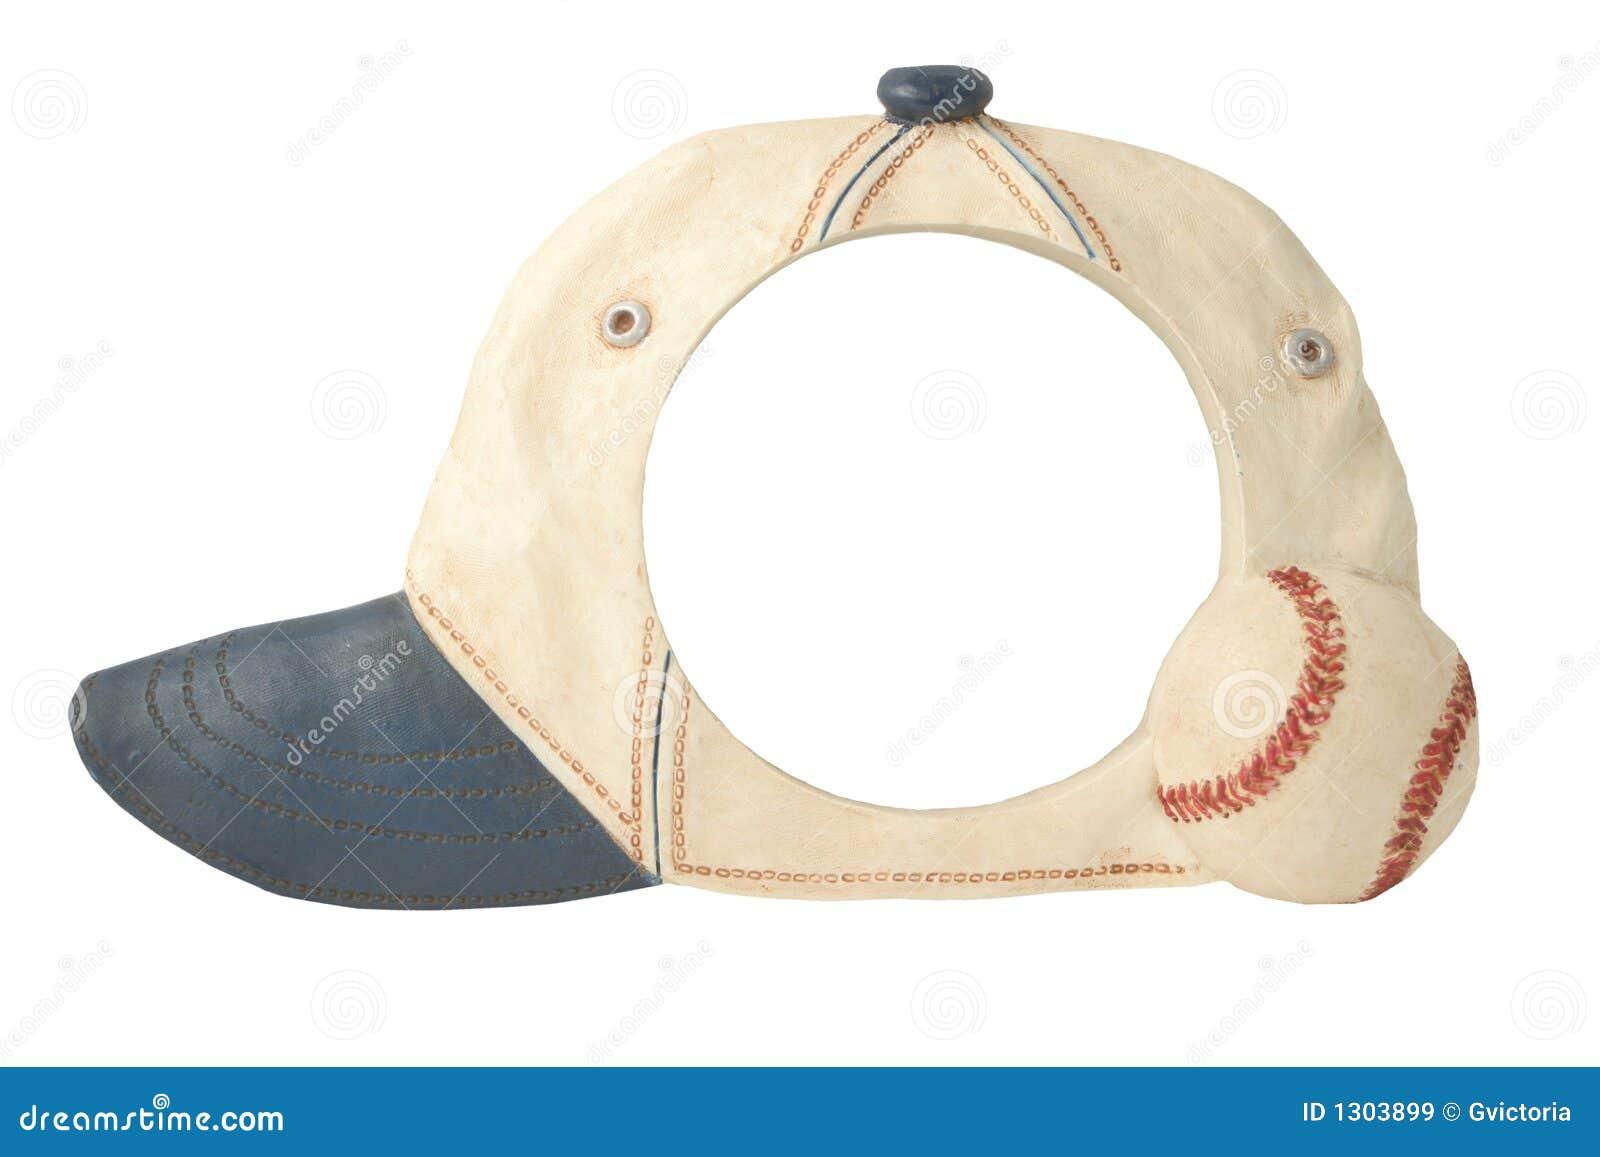 Marco del béisbol imagen de archivo. Imagen de deporte - 1303899